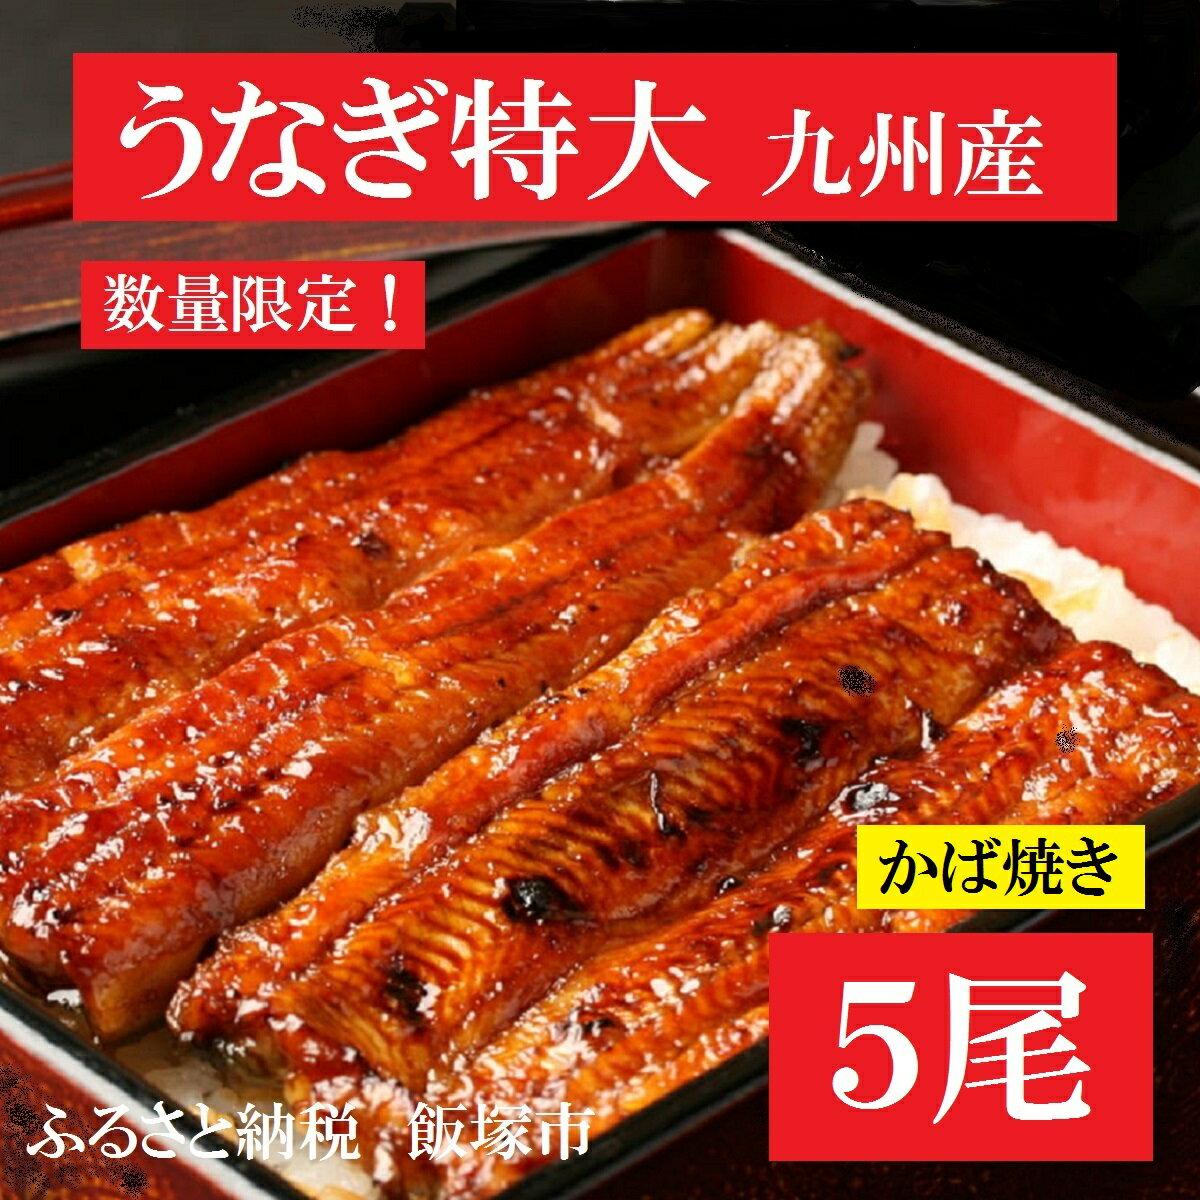 【ふるさと納税】【B5-002】魚市場厳選 九州産うなぎ蒲焼(特大サイズ5尾)